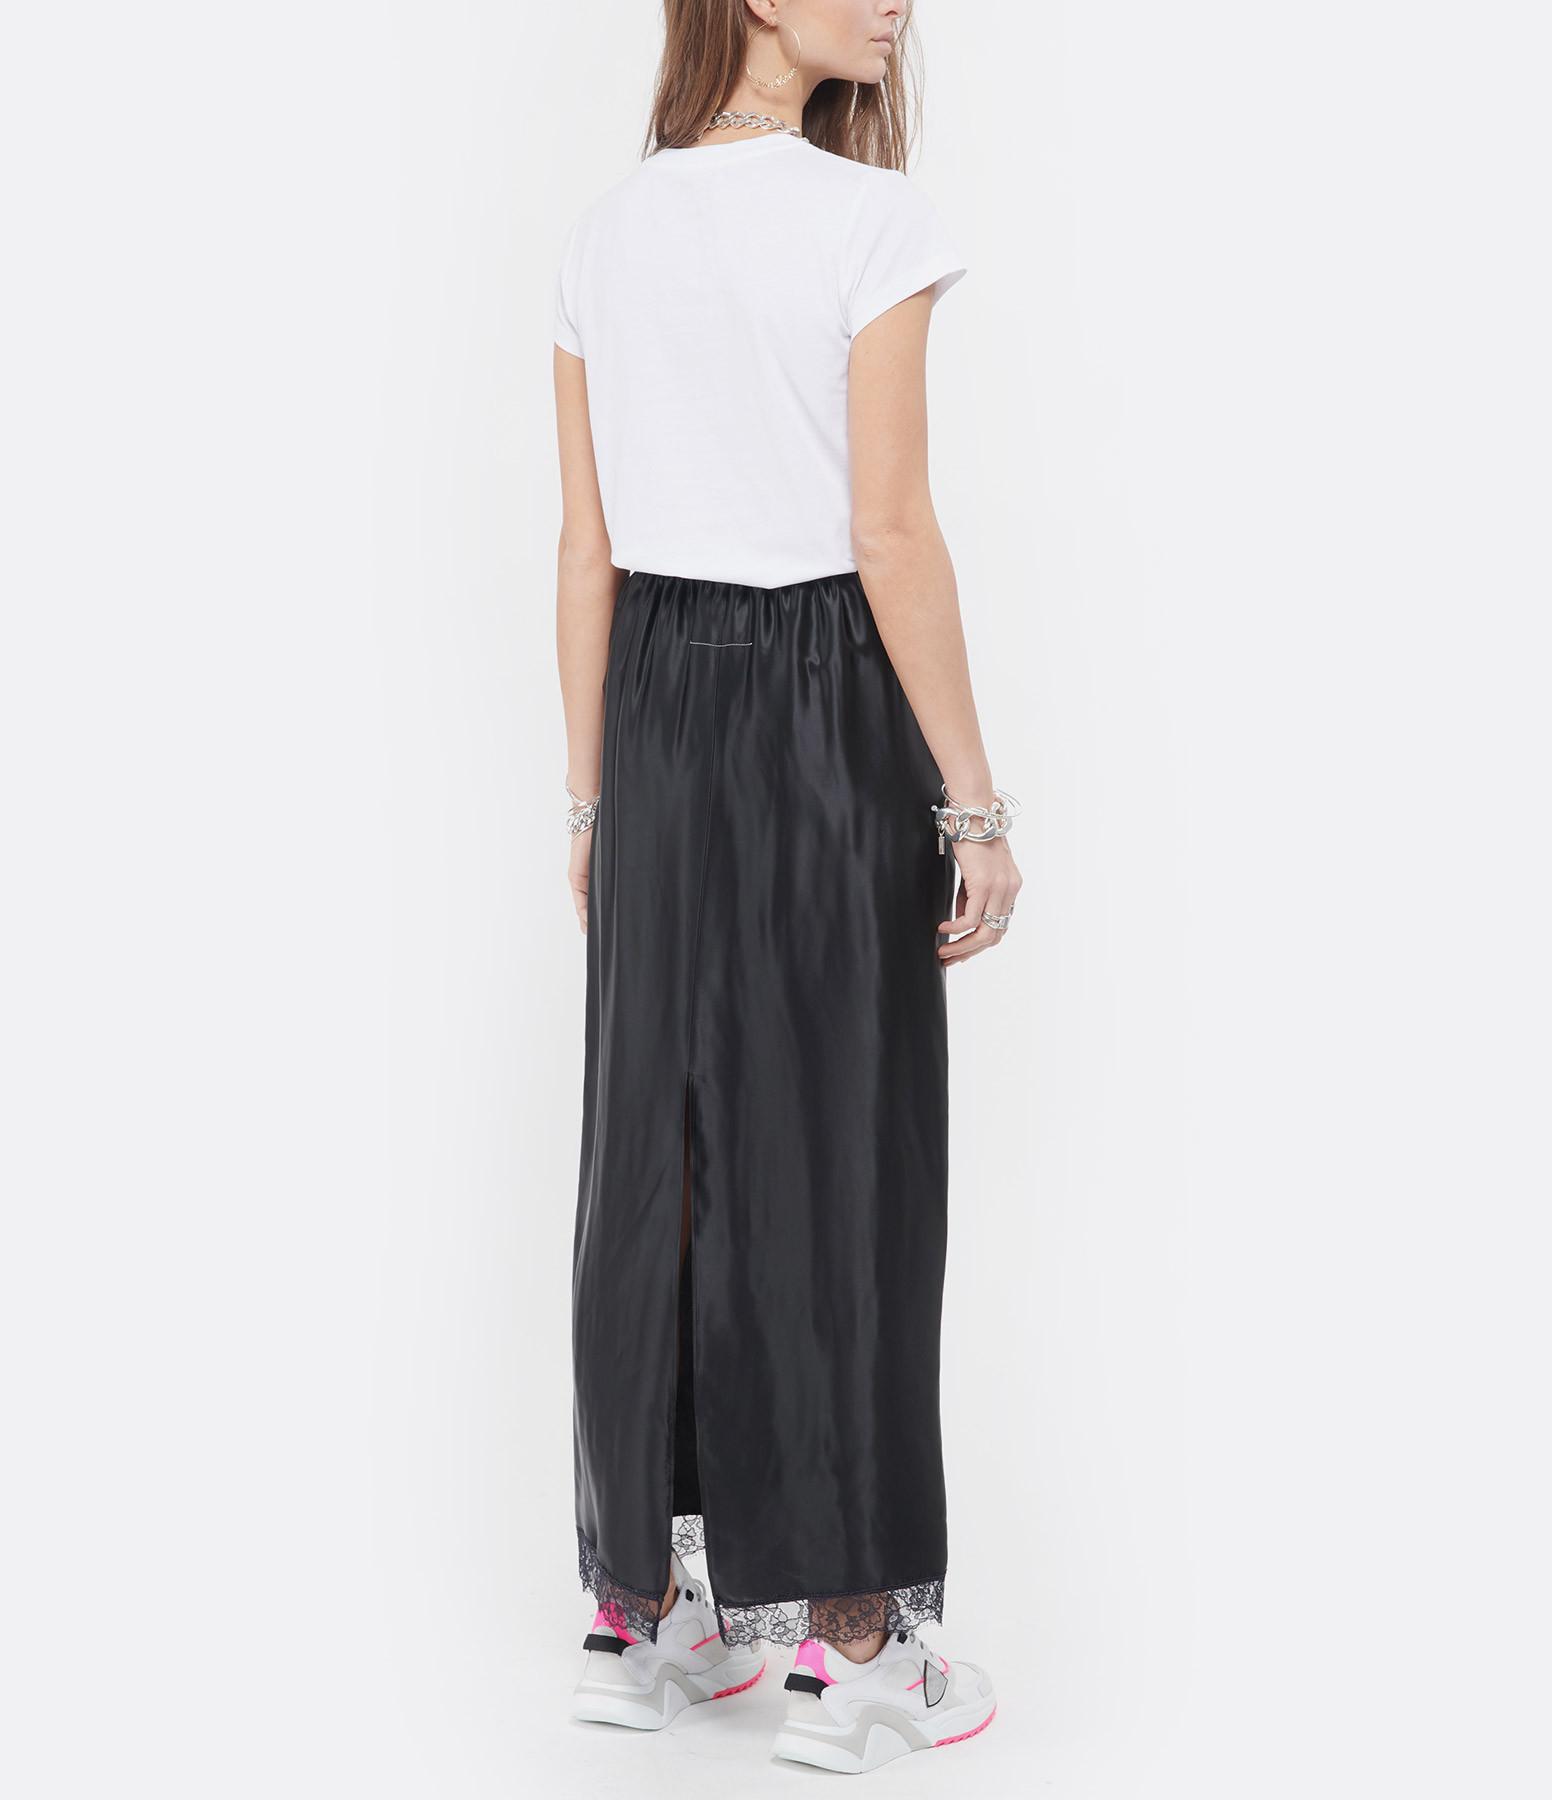 ZADIG & VOLTAIRE - Tee-shirt Woop TVB Coton Blanc